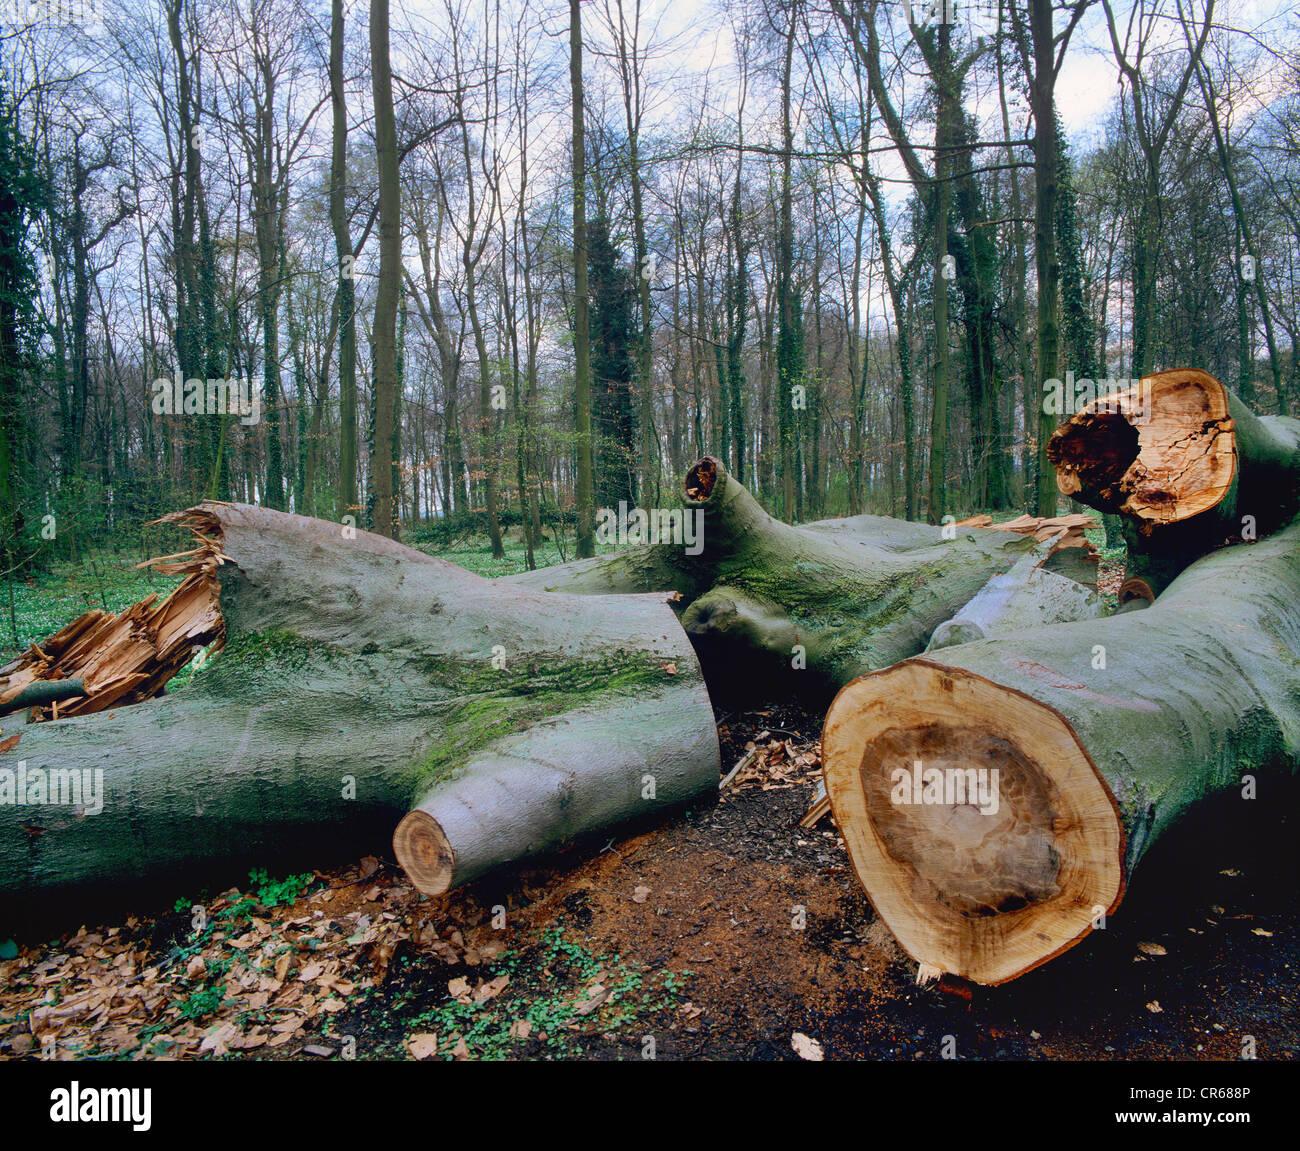 Le vent casse, coupure de troncs d'arbres tombés, de l'hêtre, le hêtre commun (Fagus sylvatica) Photo Stock